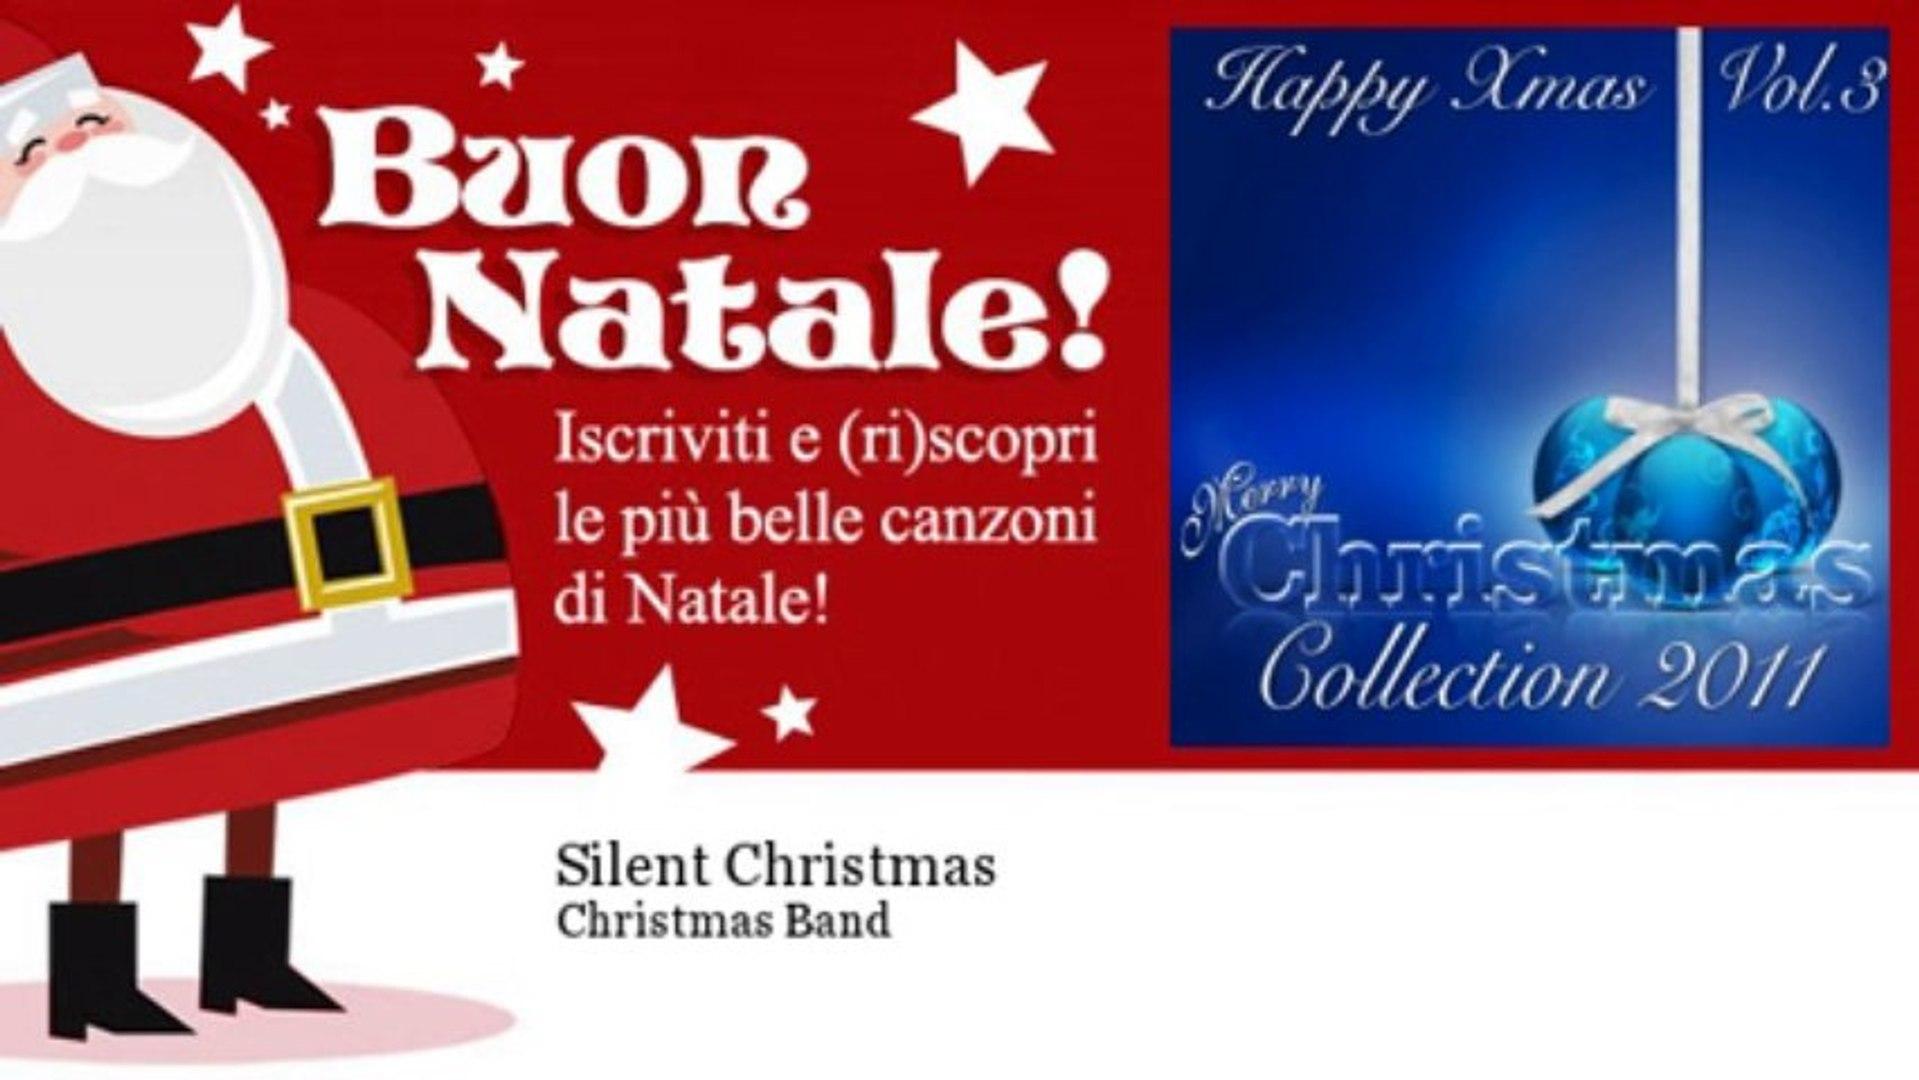 Christmas Band - Silent Christmas